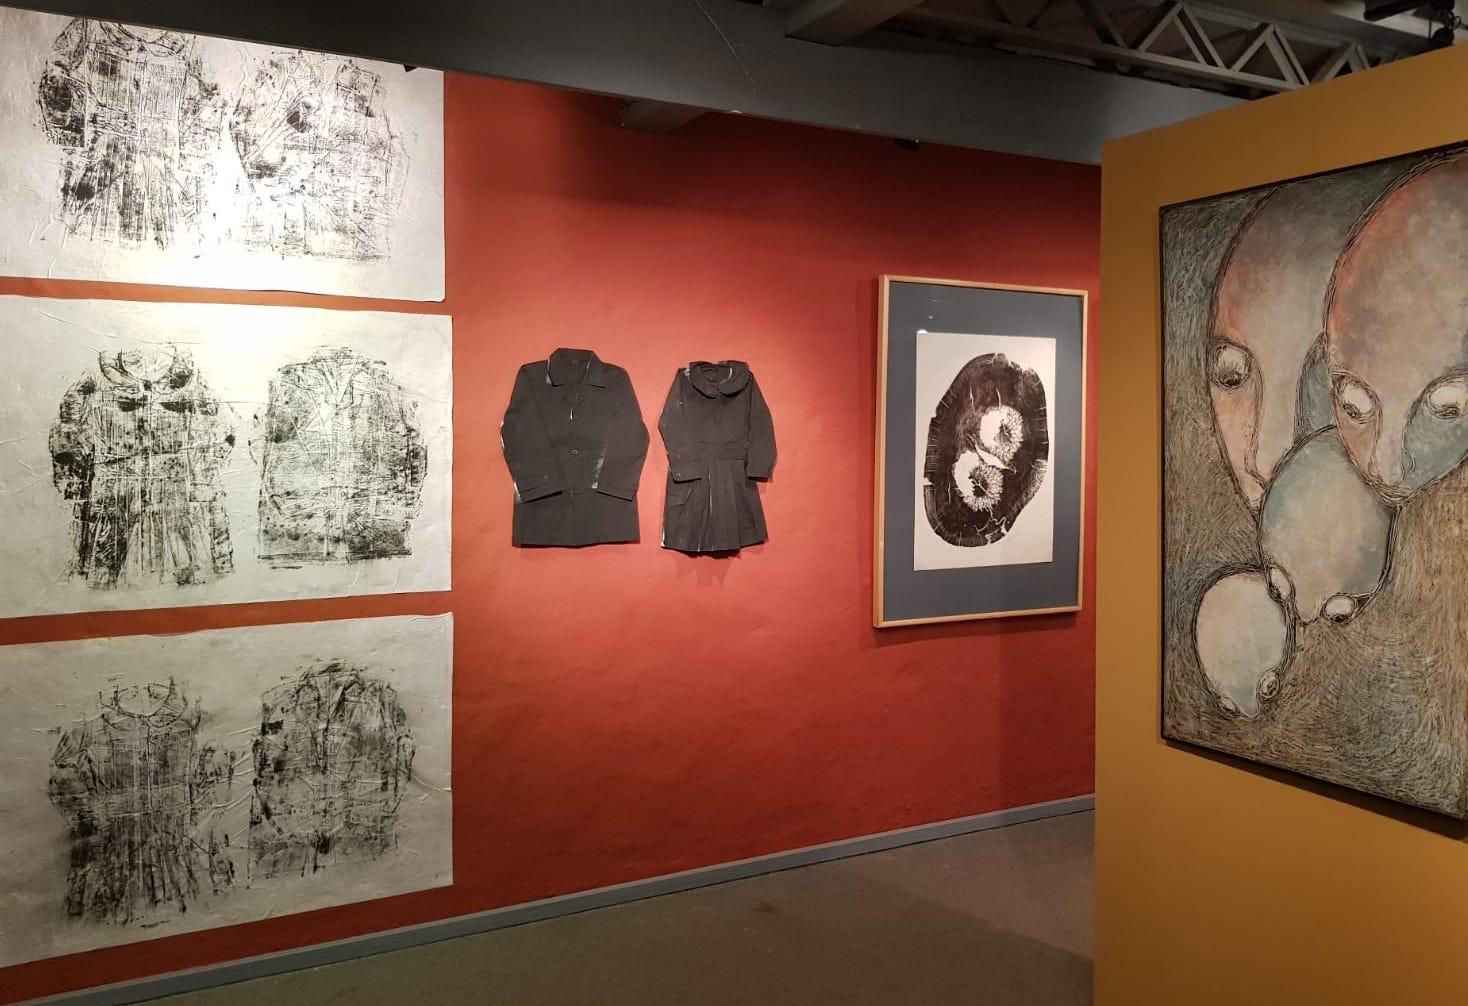 Obras de Claudia Casarino, Edith Jiménez y Olga Blinder. Cortesía CAV/Museo del Barro